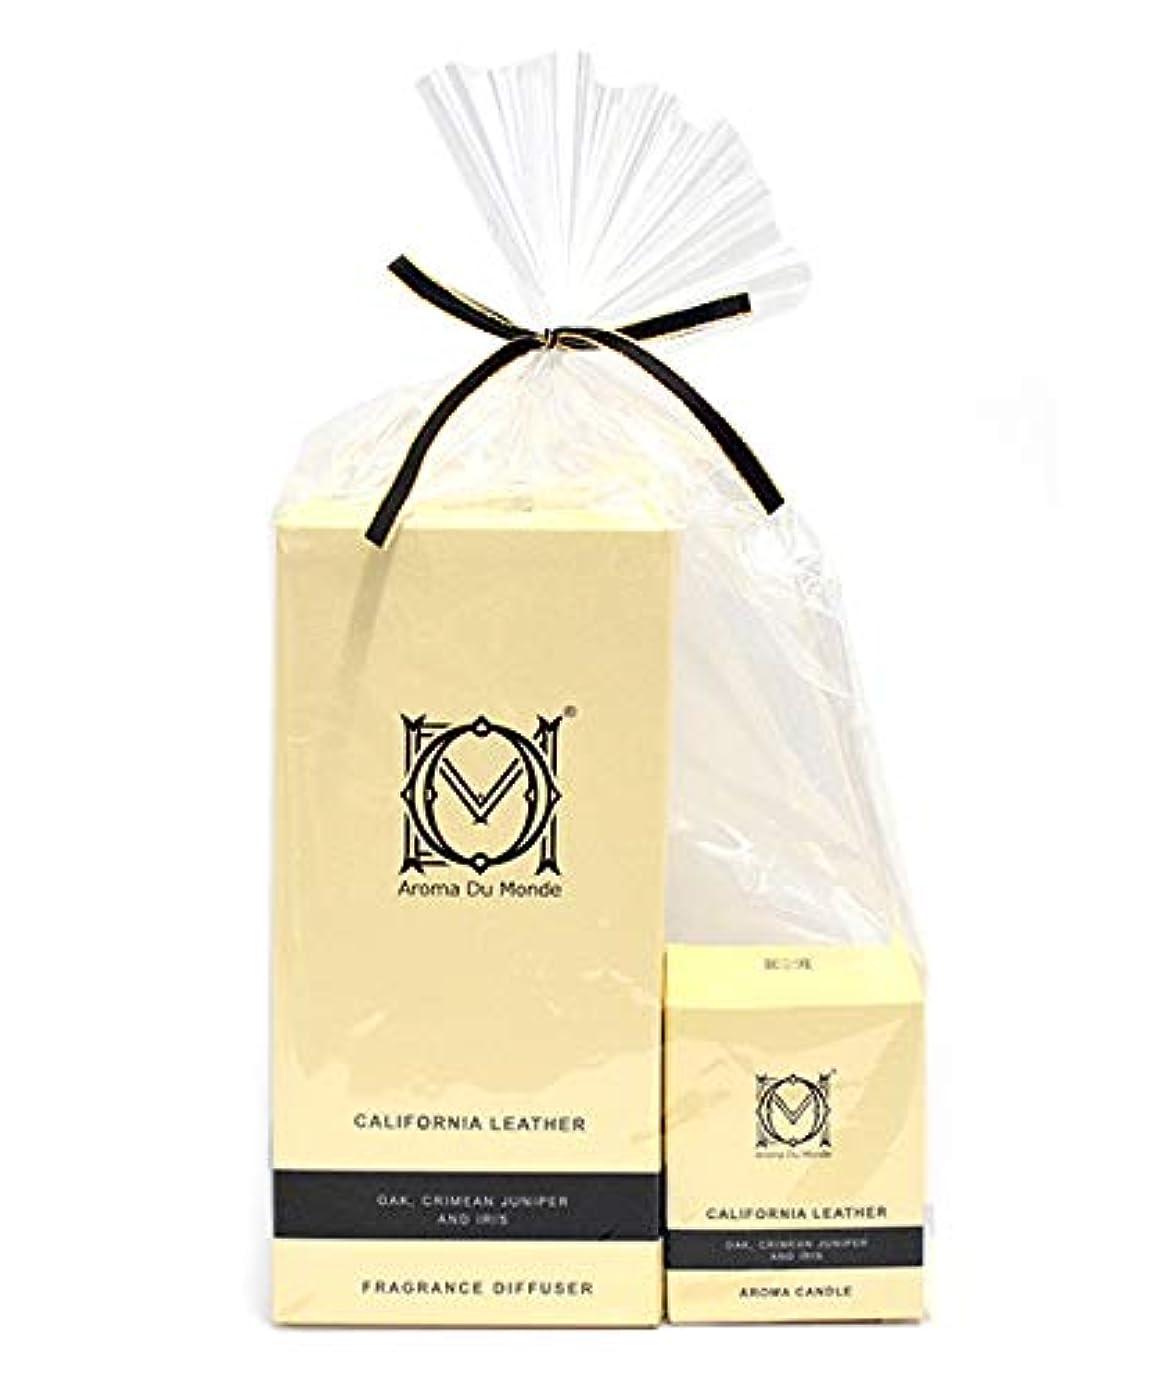 ステートメント衝動ベッドフレグランスディフューザー&キャンドル カリフォルニアレザー セット Aroma Du Monde/ADM Fragrance Diffuser & Candle California Leather Set 81159